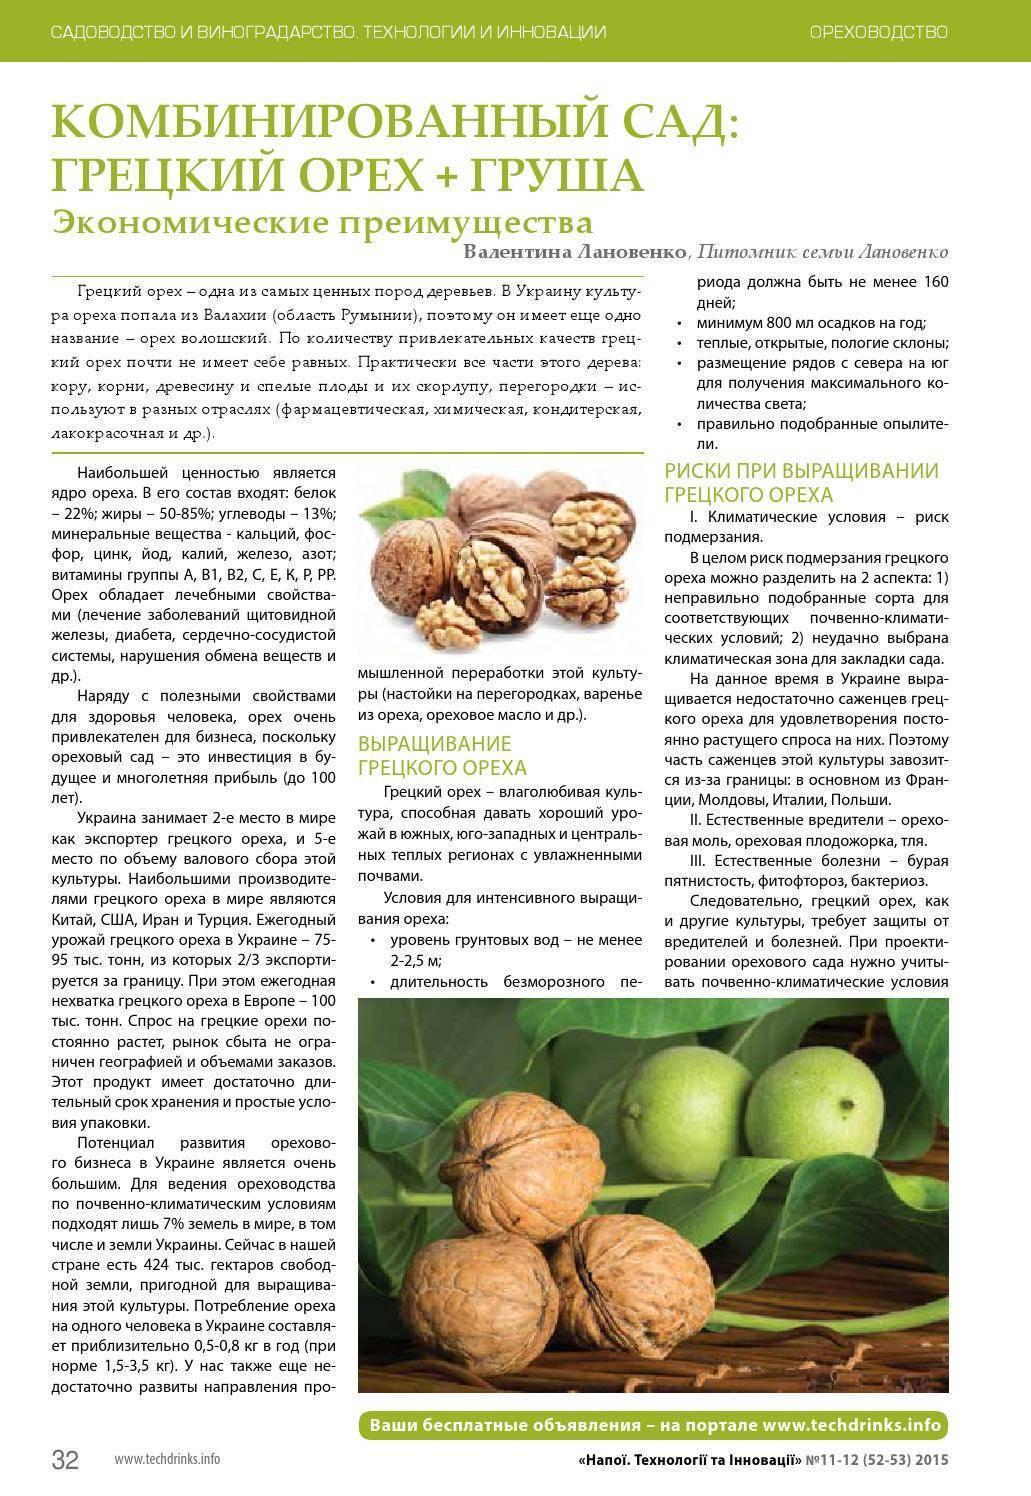 Бизнес на переработке грецкого ореха (декабрь 2020) — vipidei.com